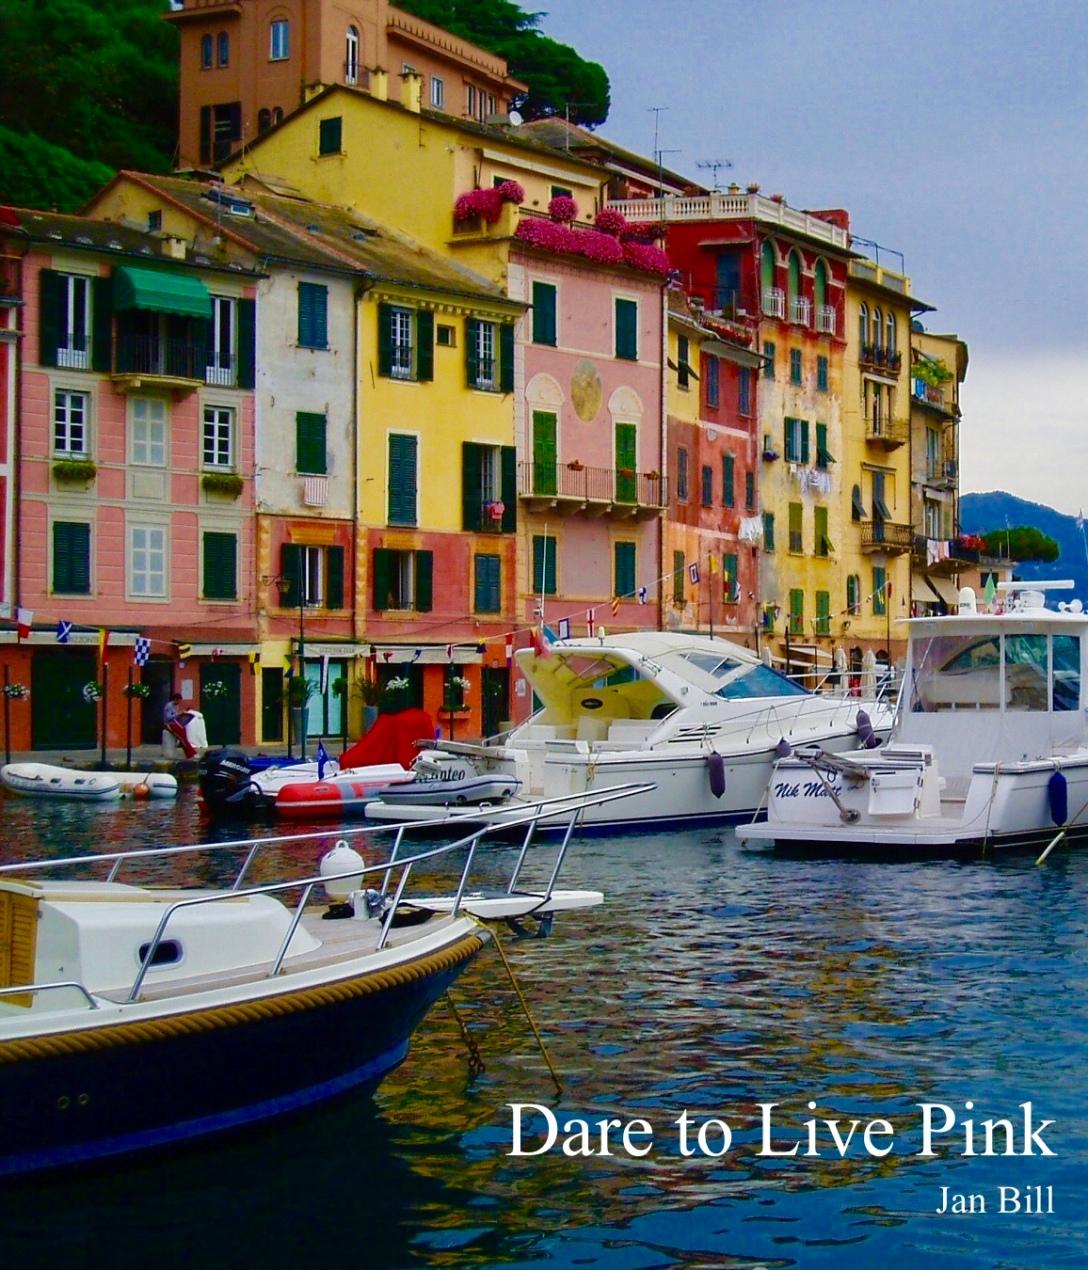 image of Portofino, Italy